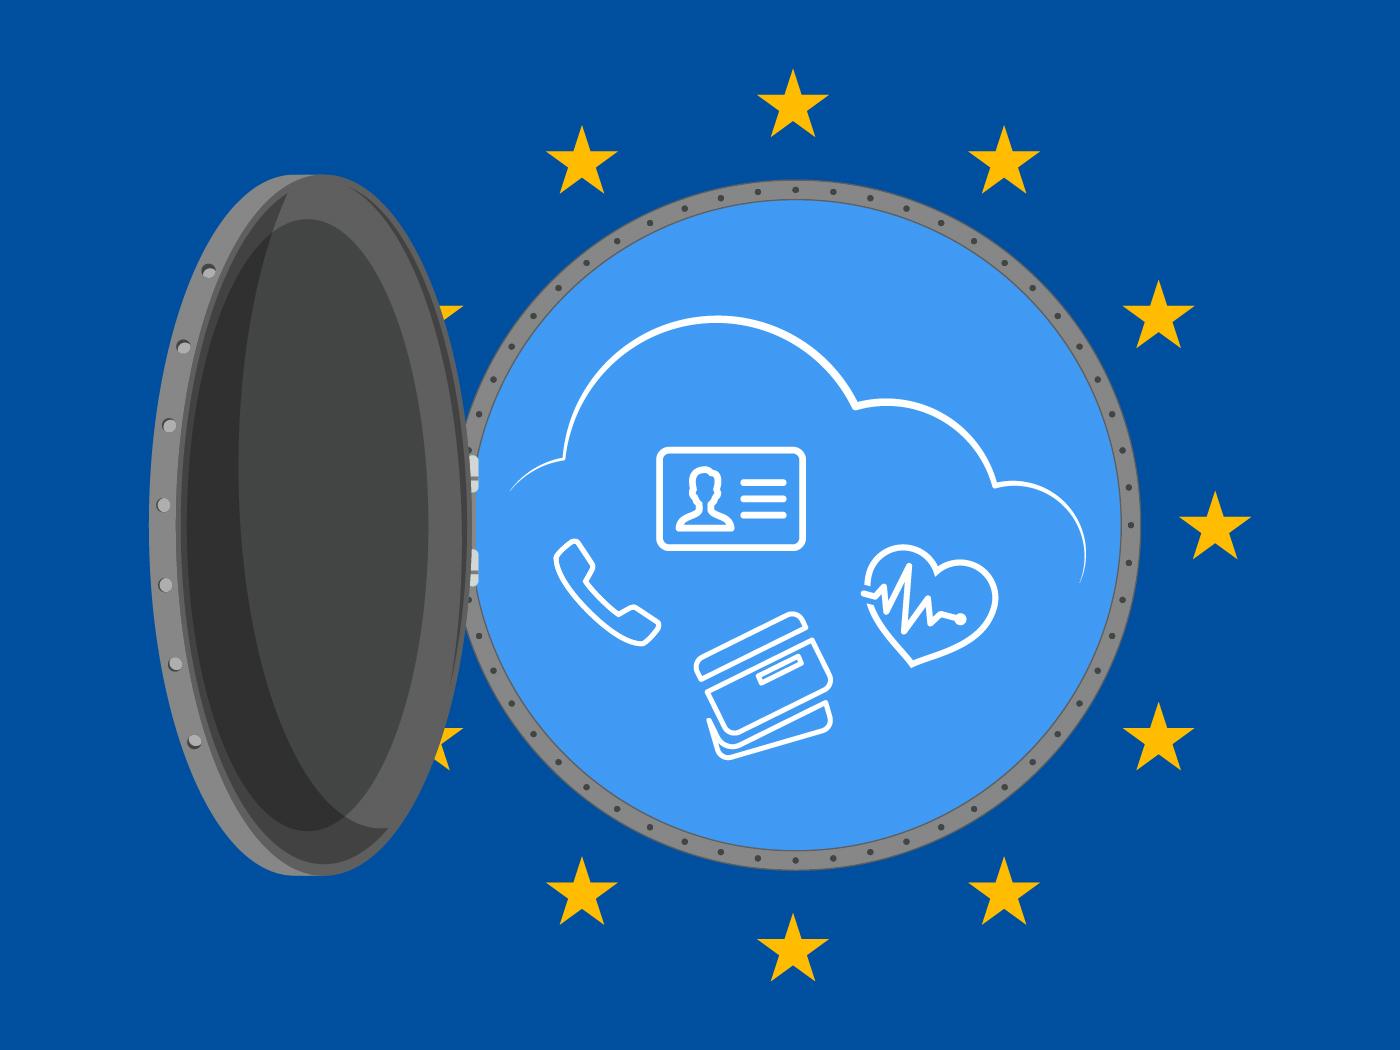 Die EU-Datenschutz-Grundverordnung steht vor der Tür. Die Grafik zeigt eine offene Luke zu sehen, durch die verschiedene mit der EU-DSGVO assoziierte Symbole zu sehen sind